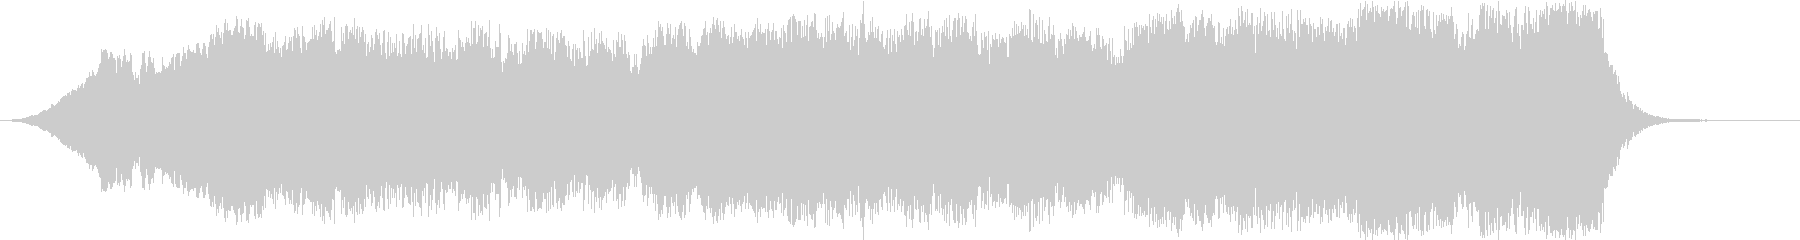 広がりのあるピアノのオーケストラ調の音の未再生の波形